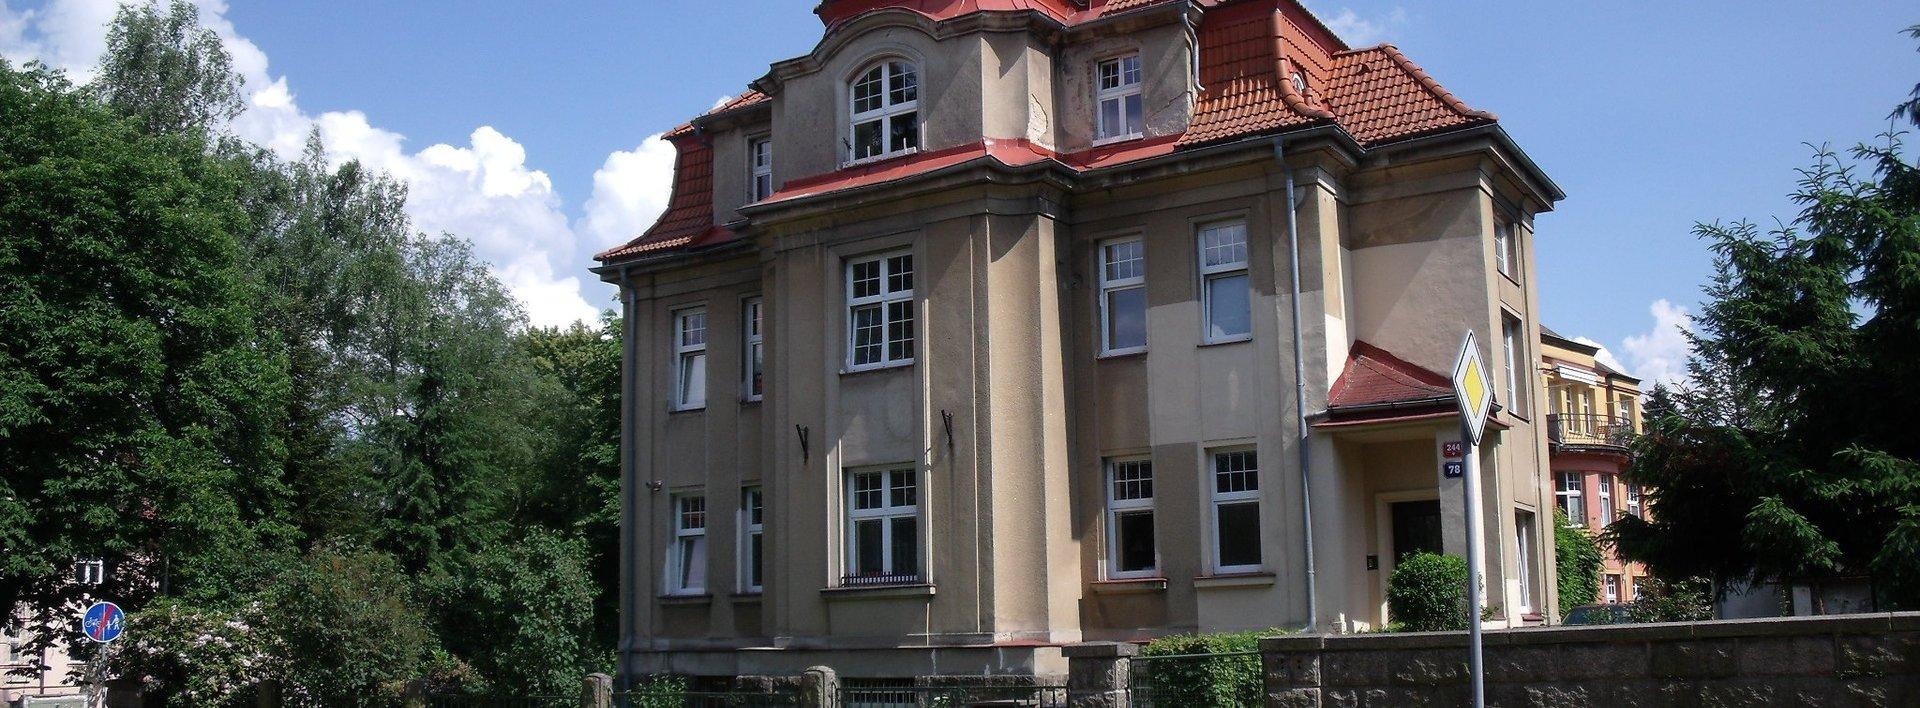 Prodej útulného cihlového bytu 2+1 ve vile v Husově ul. v Liberci - Kristiánov, Ev.č.: N48487